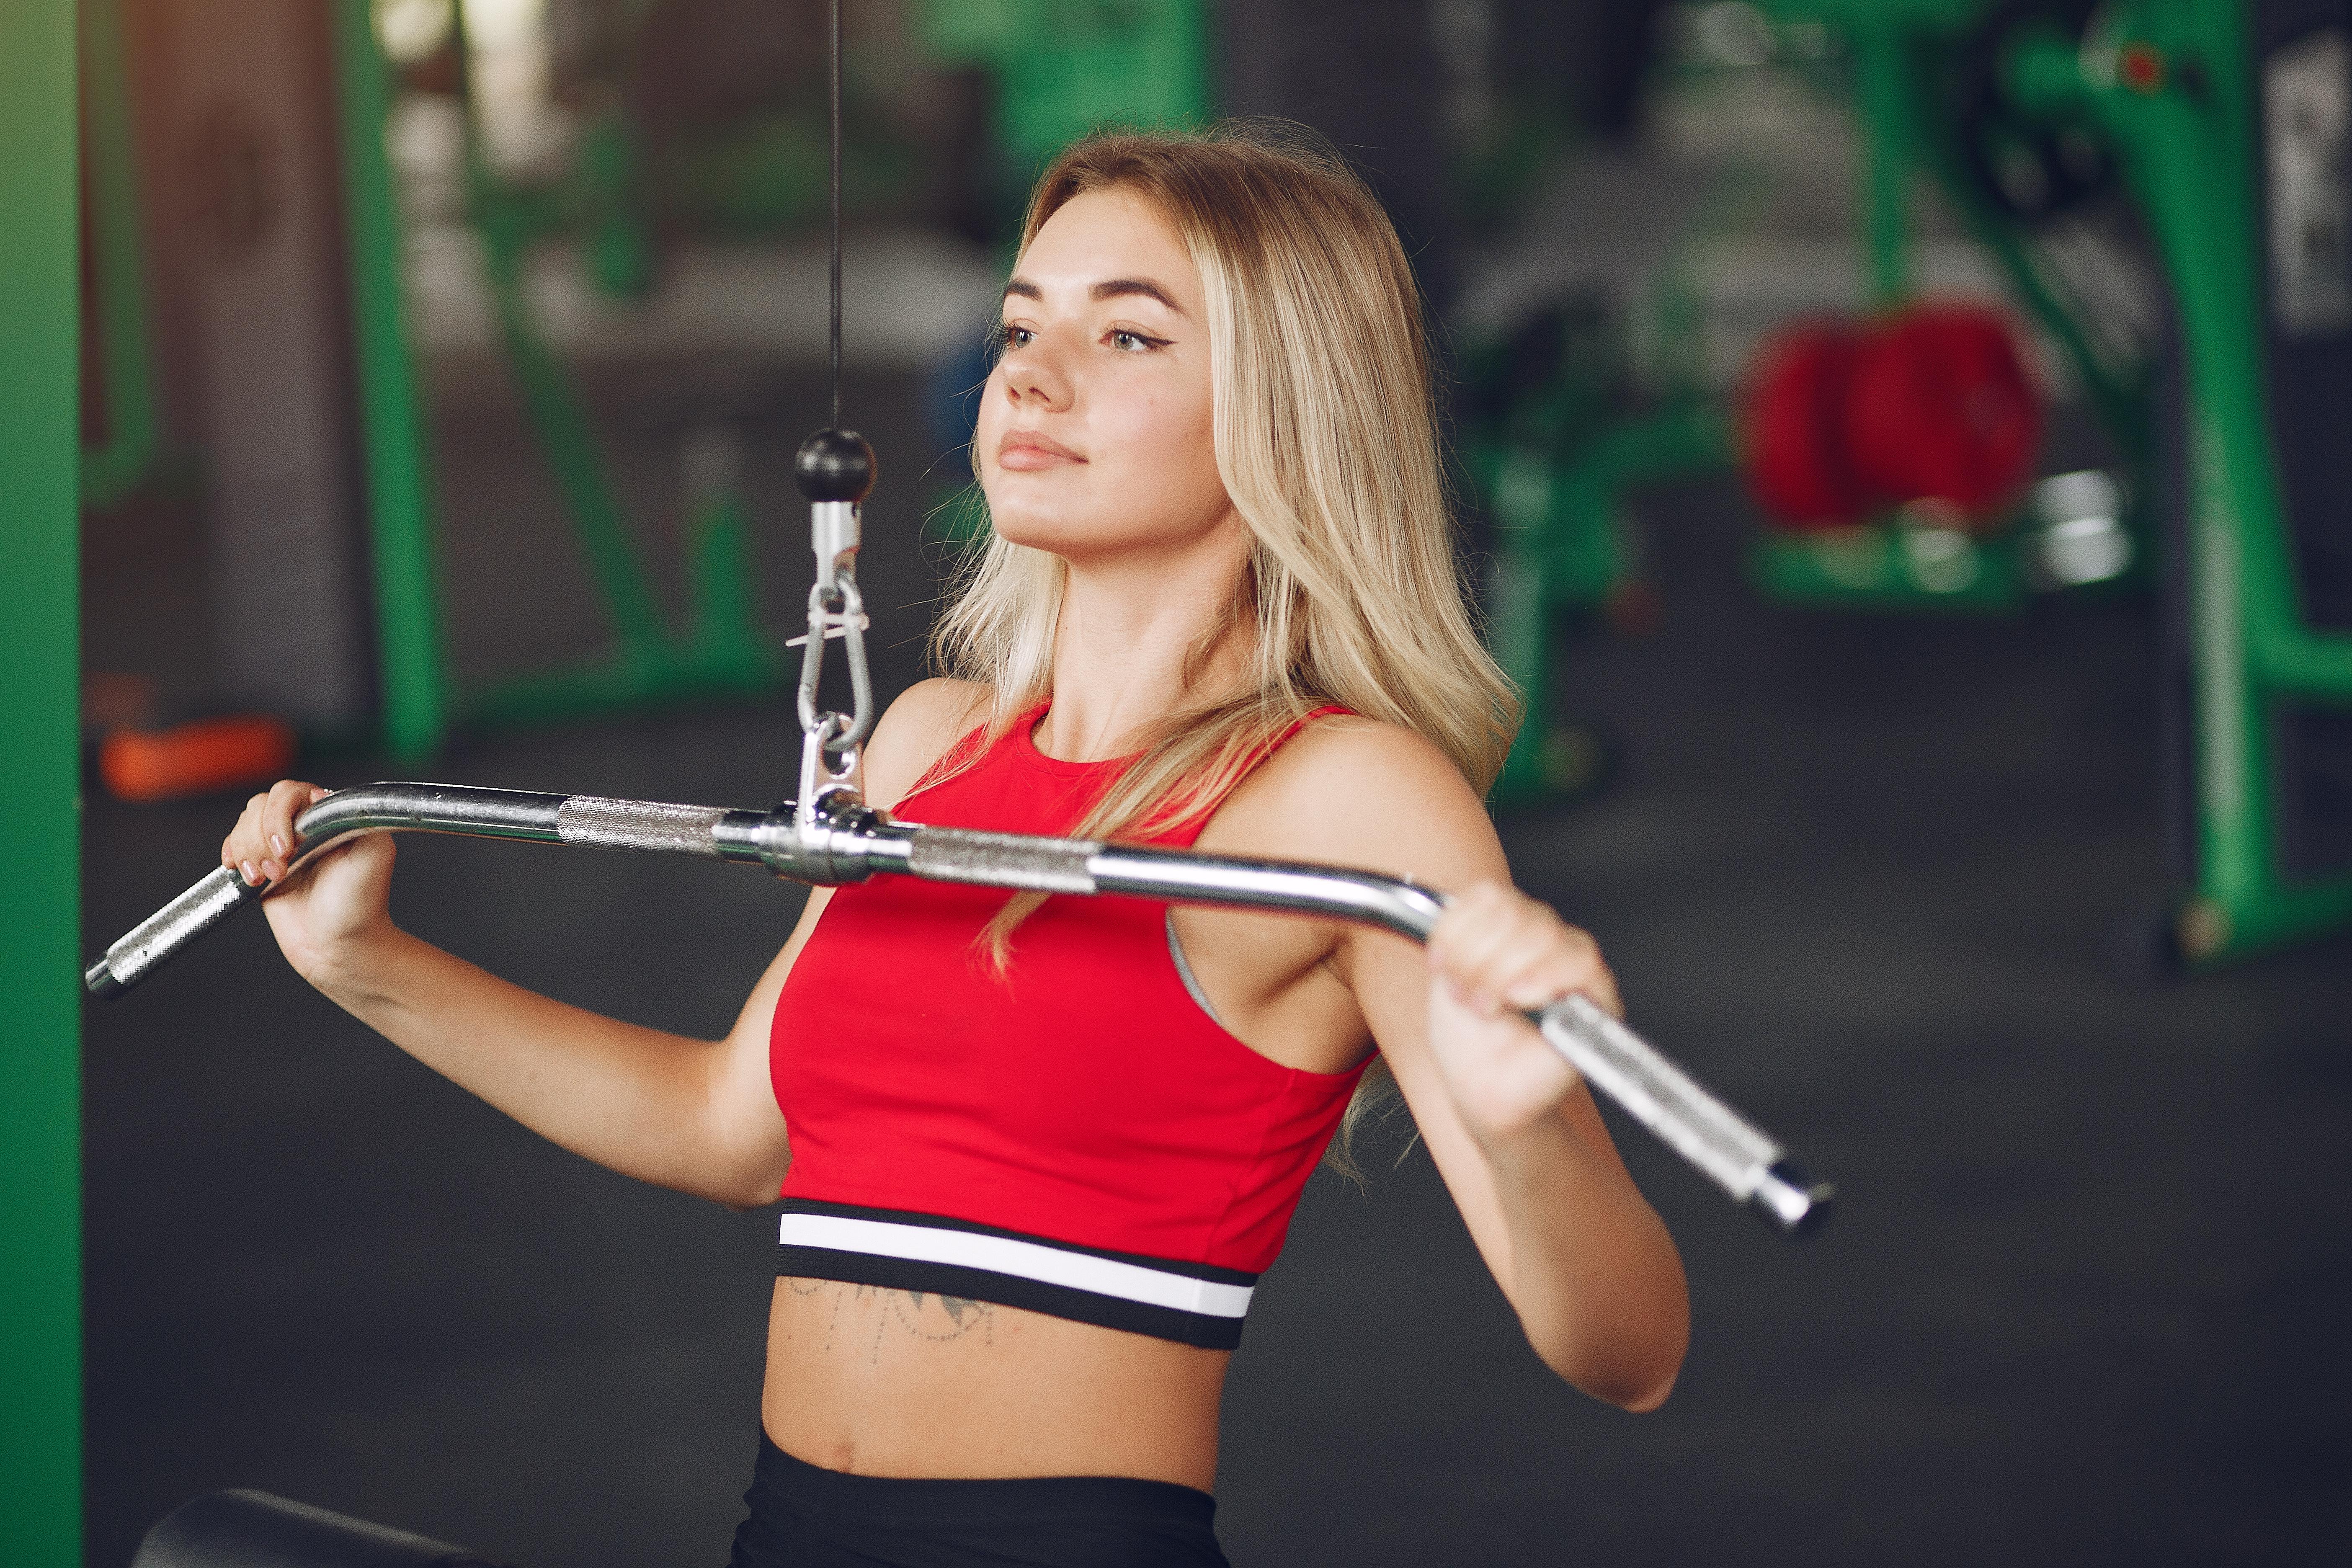 začať cvičiť, Ako začať cvičiť? 5 otázok, na ktoré musíš poznať odpoveď